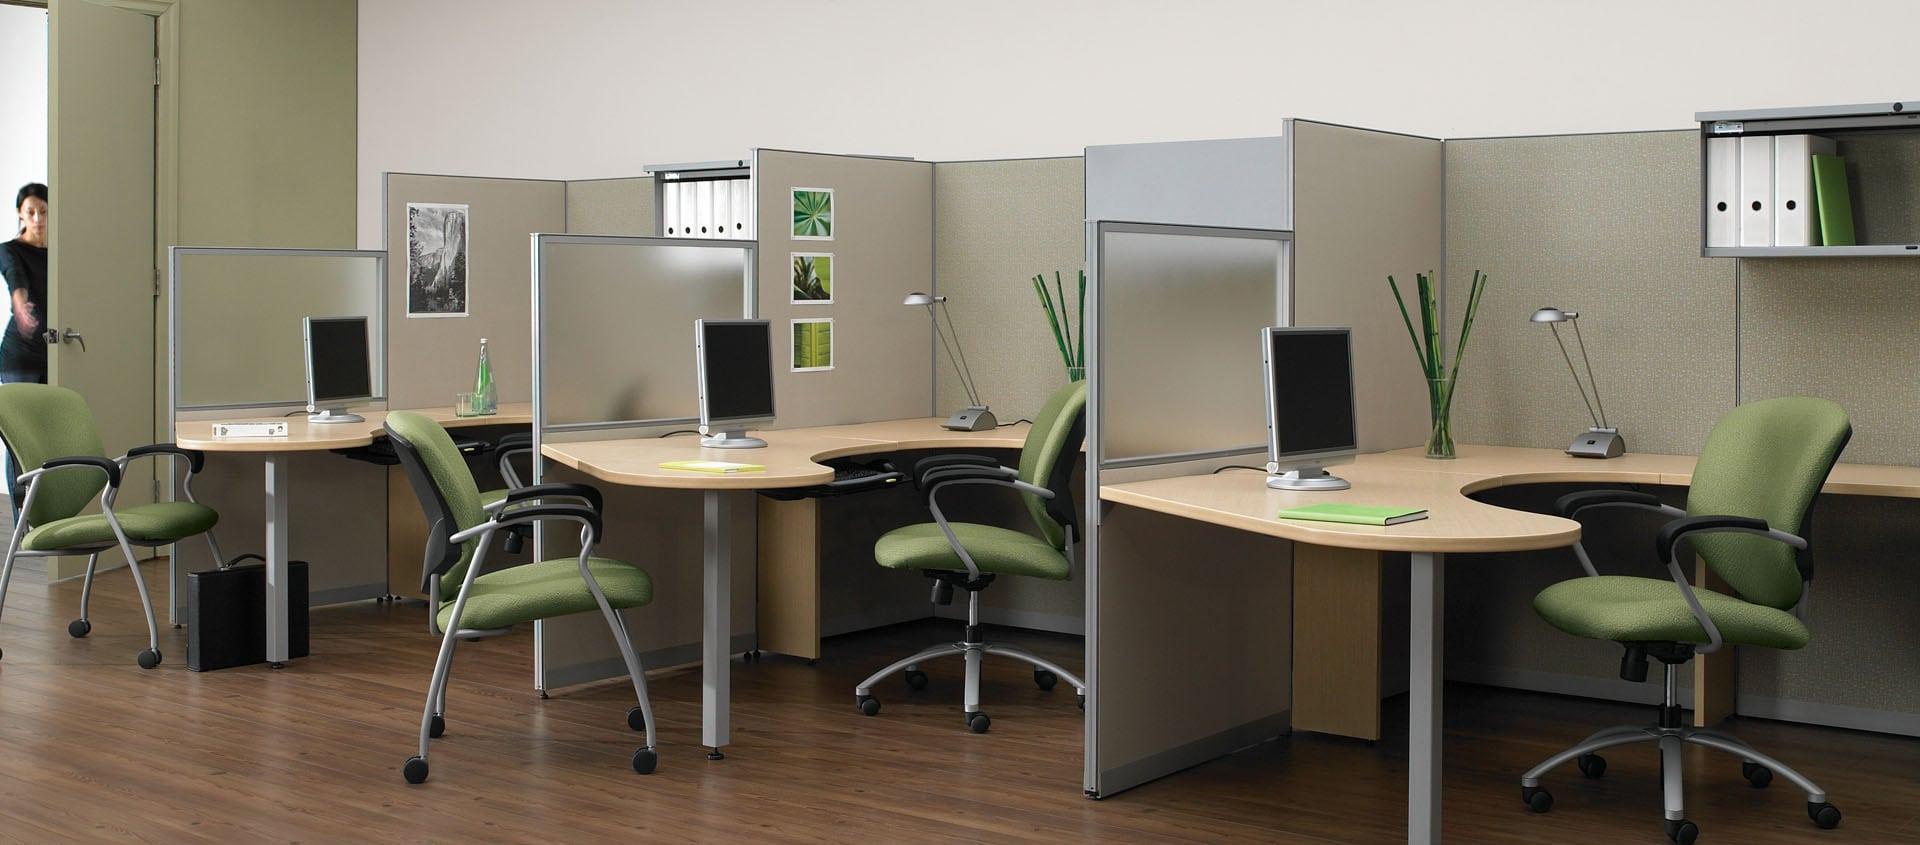 Genoa - client facing or executive desk